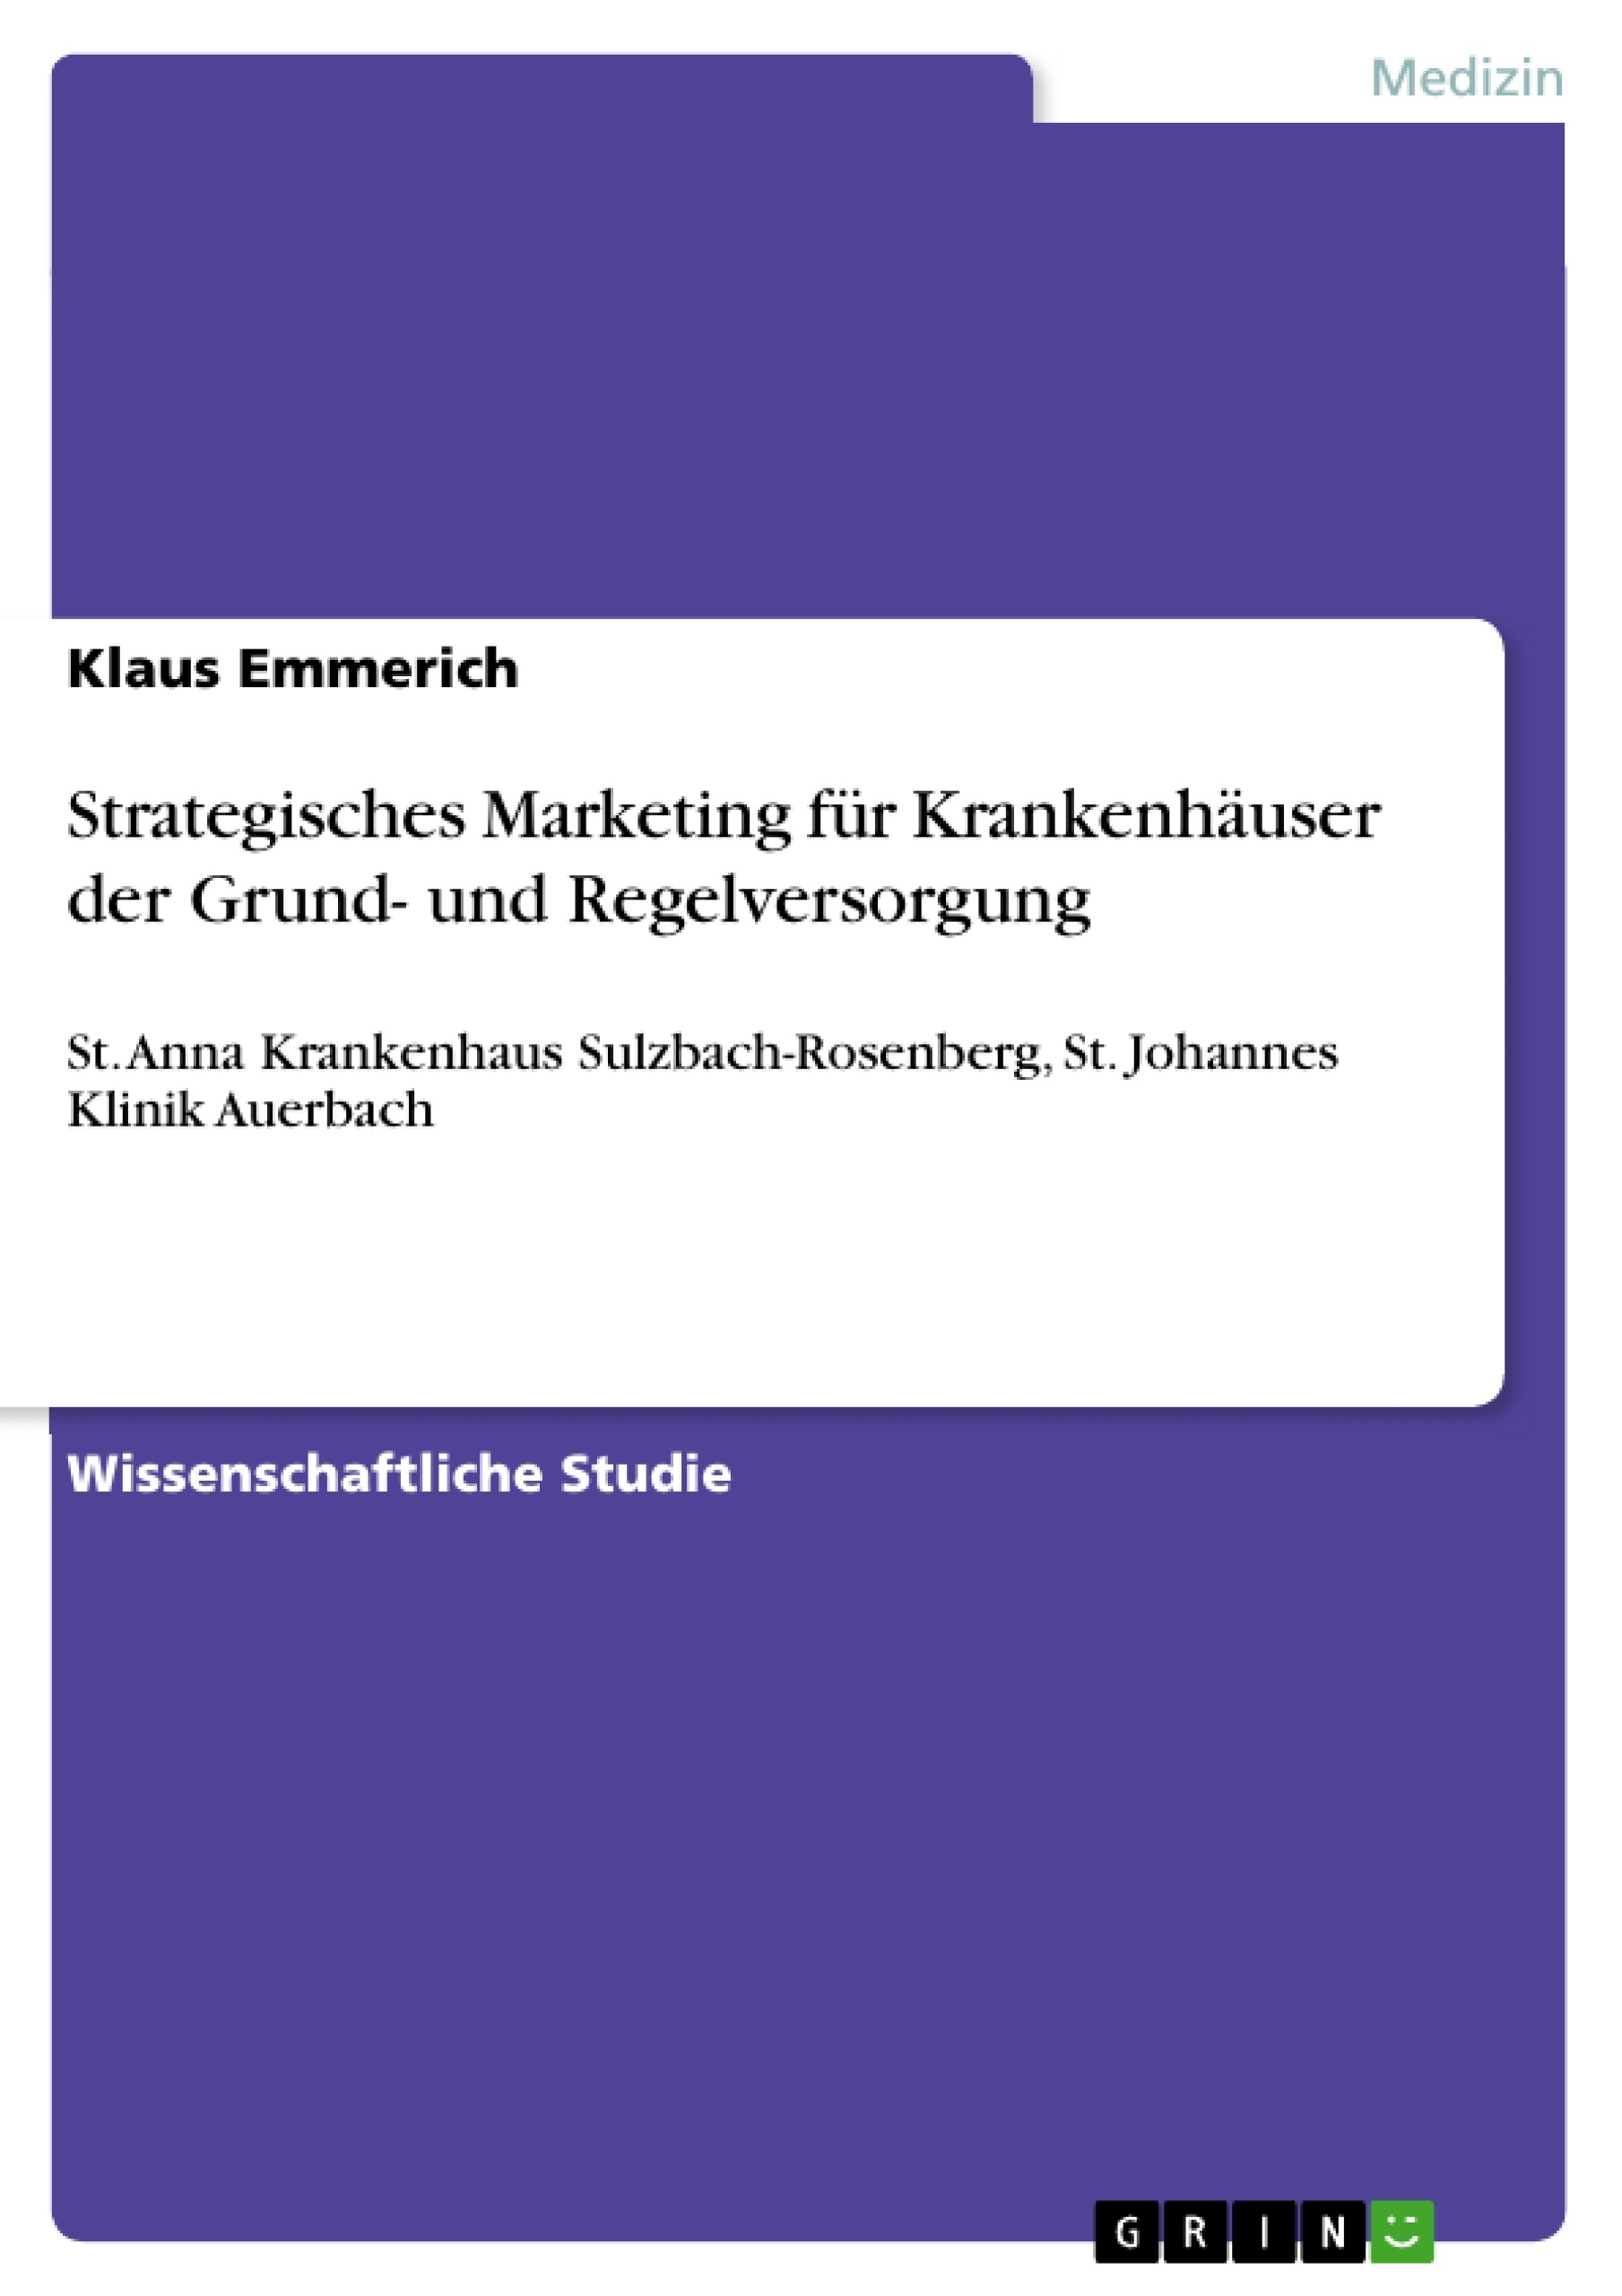 Titel: Strategisches Marketing für Krankenhäuser der Grund- und Regelversorgung